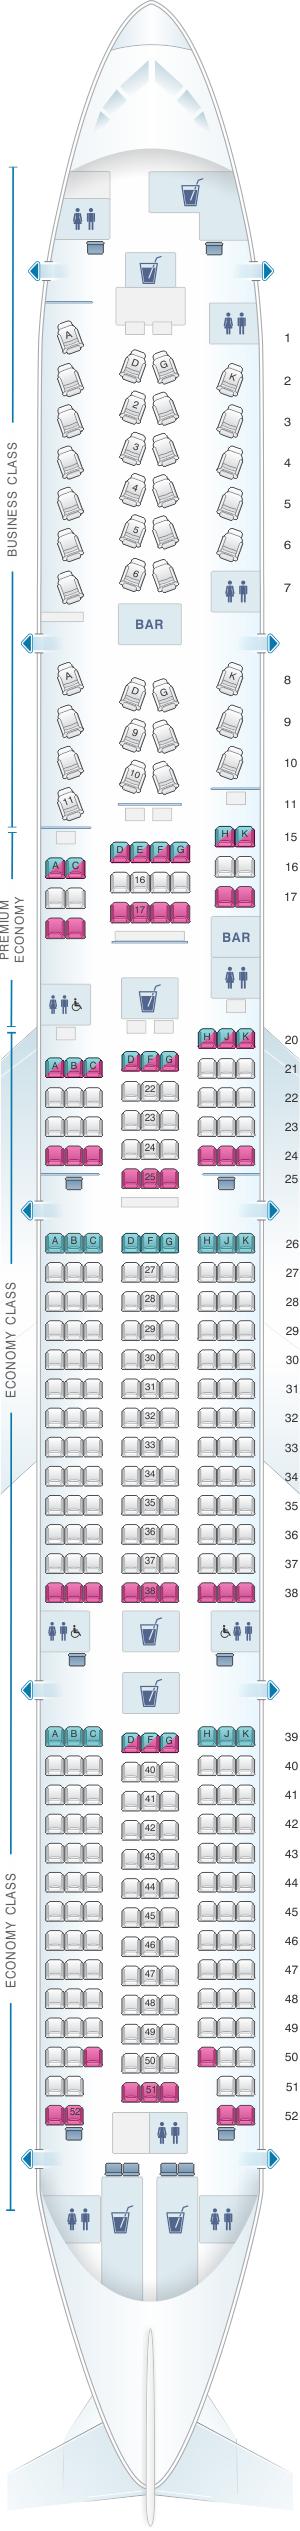 Seat map for Virgin Australia Boeing B777 300